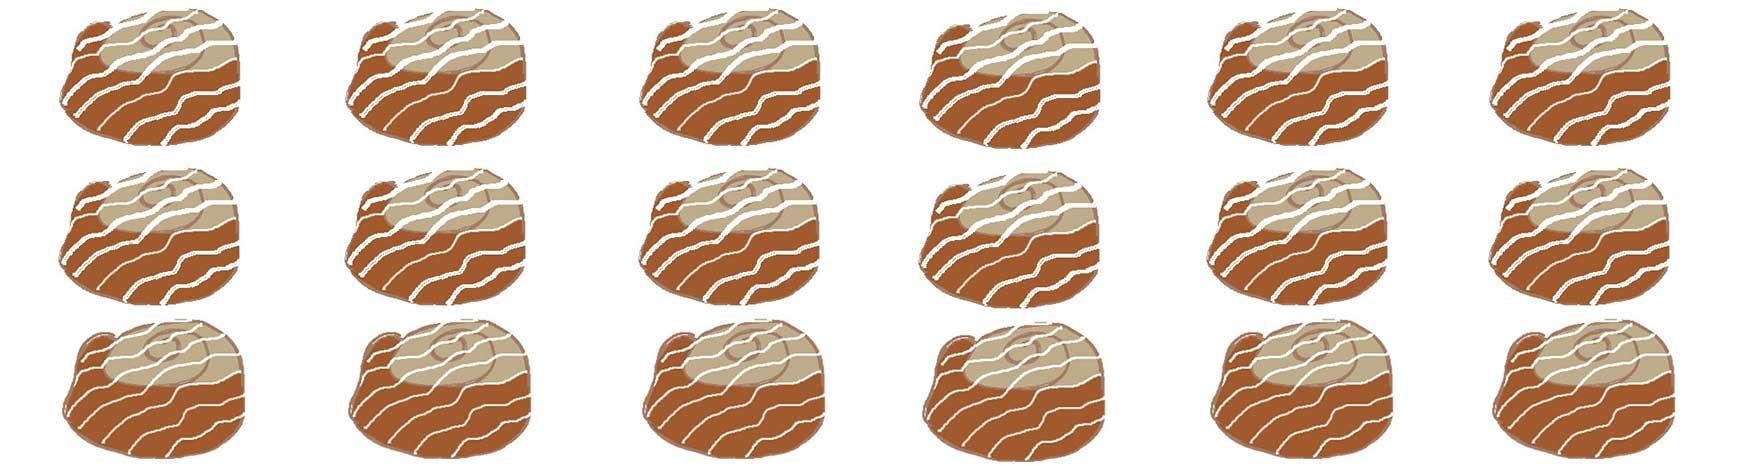 Cinnamon_buns